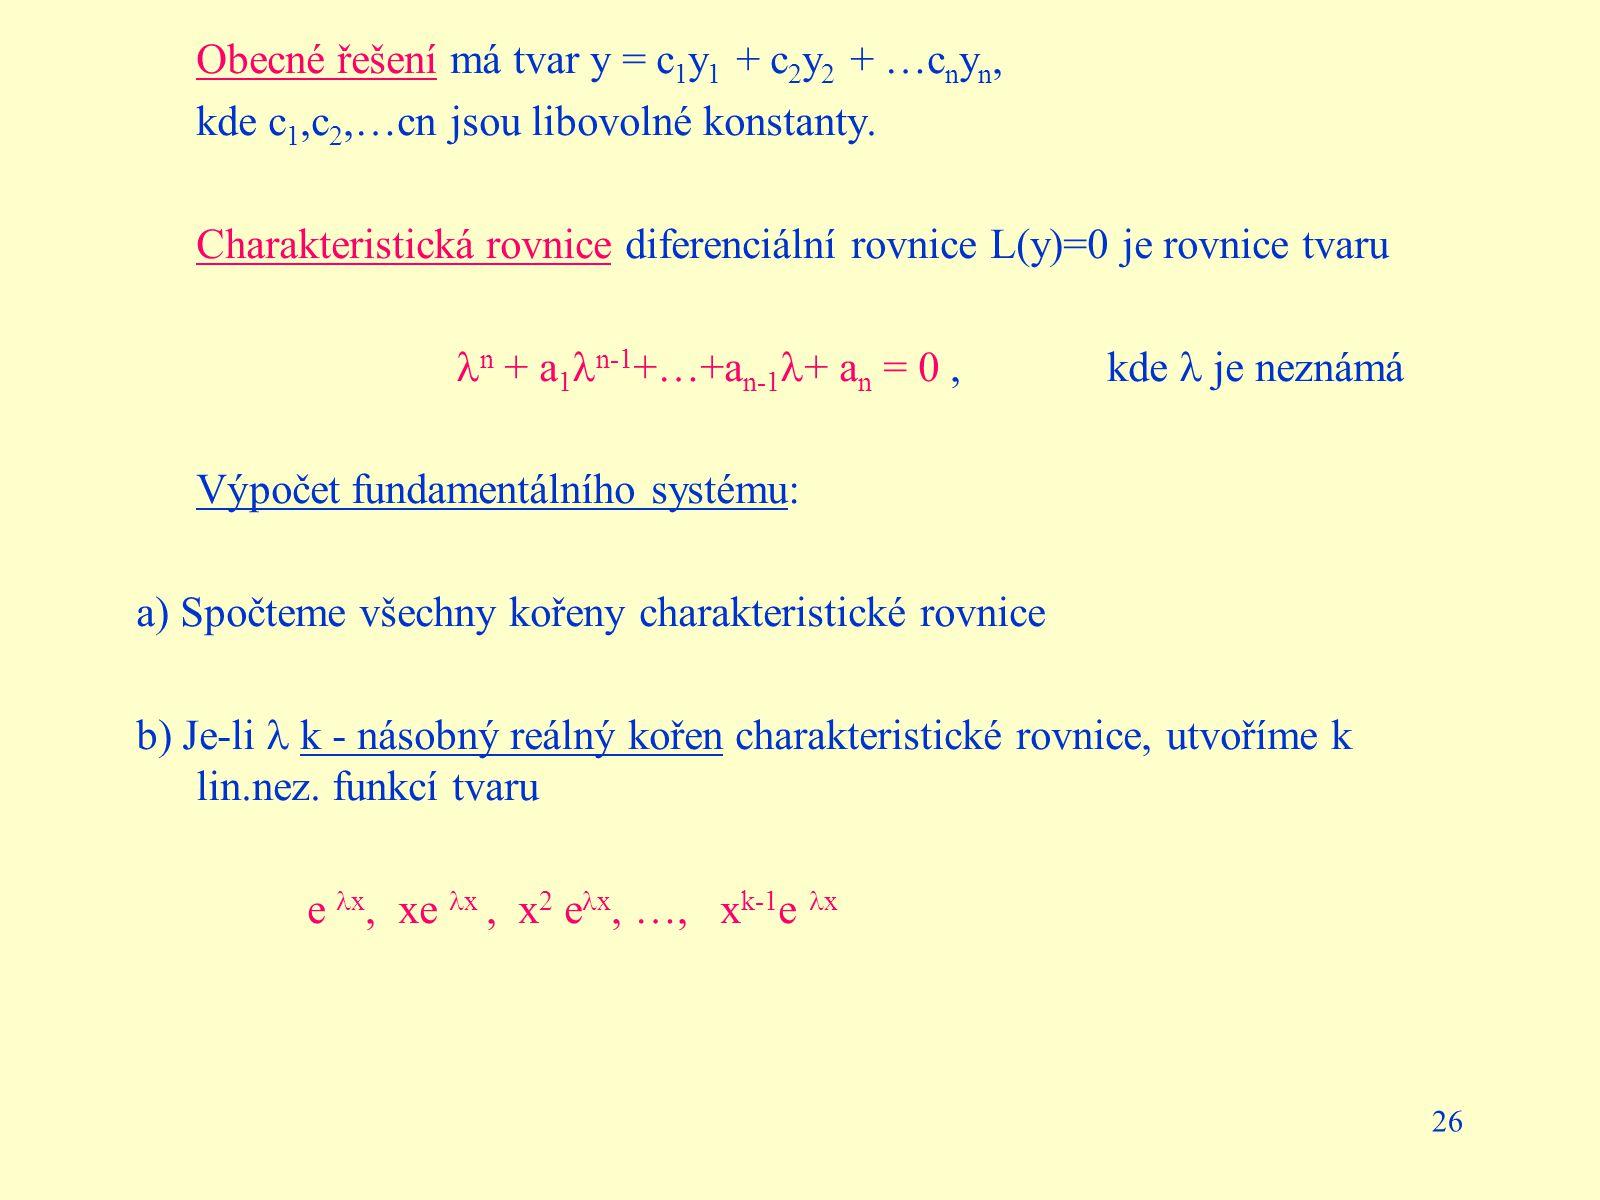 26 Obecné řešení má tvar y = c 1 y 1 + c 2 y 2 + …c n y n, kde c 1,c 2,…cn jsou libovolné konstanty. Charakteristická rovnice diferenciální rovnice L(